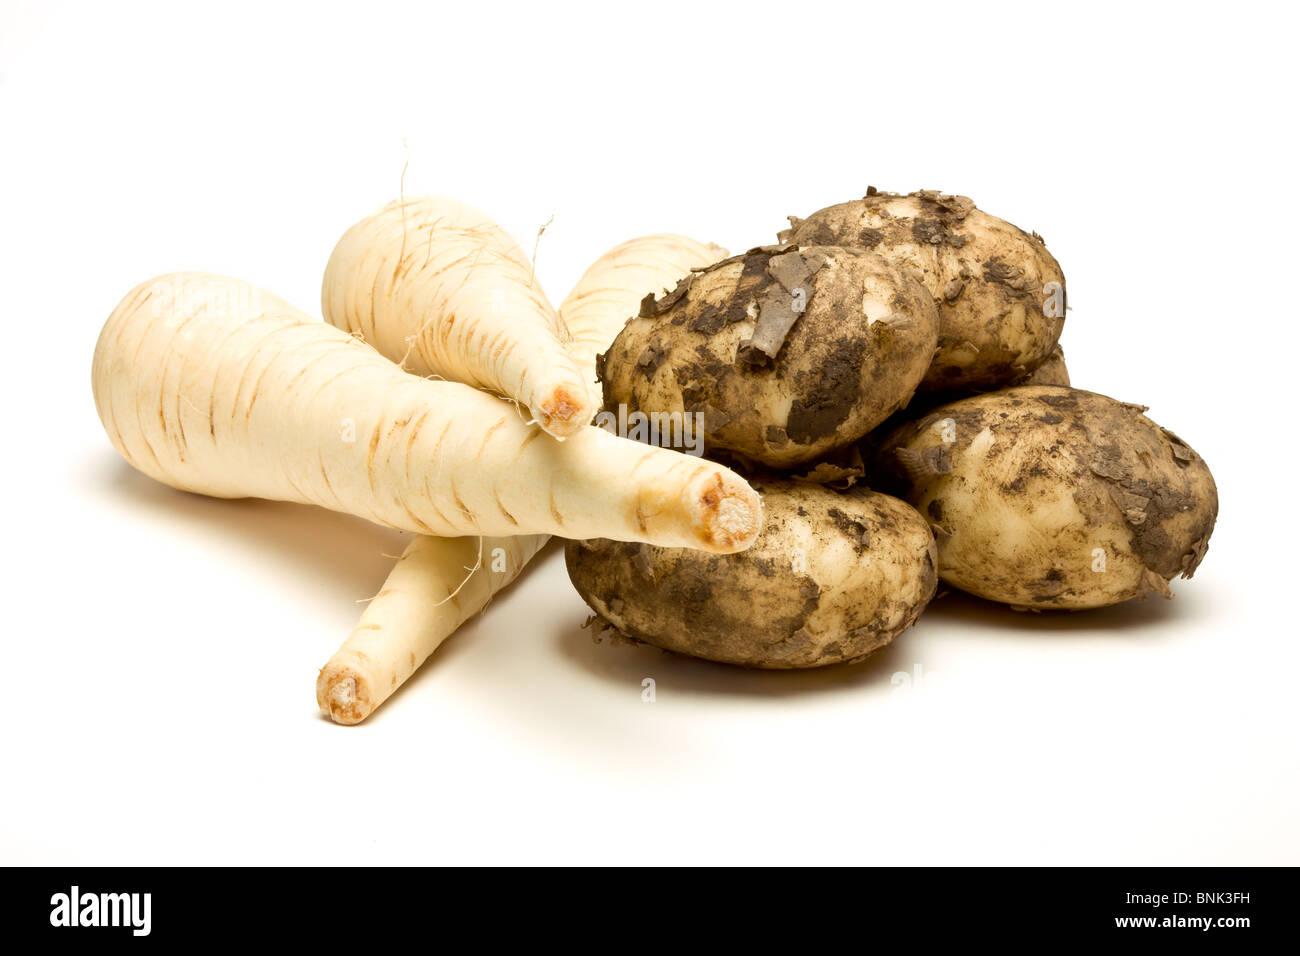 Légumes Racines de panais et pommes de terre nouvelles à partir de la perspective peu isolés contre Photo Stock